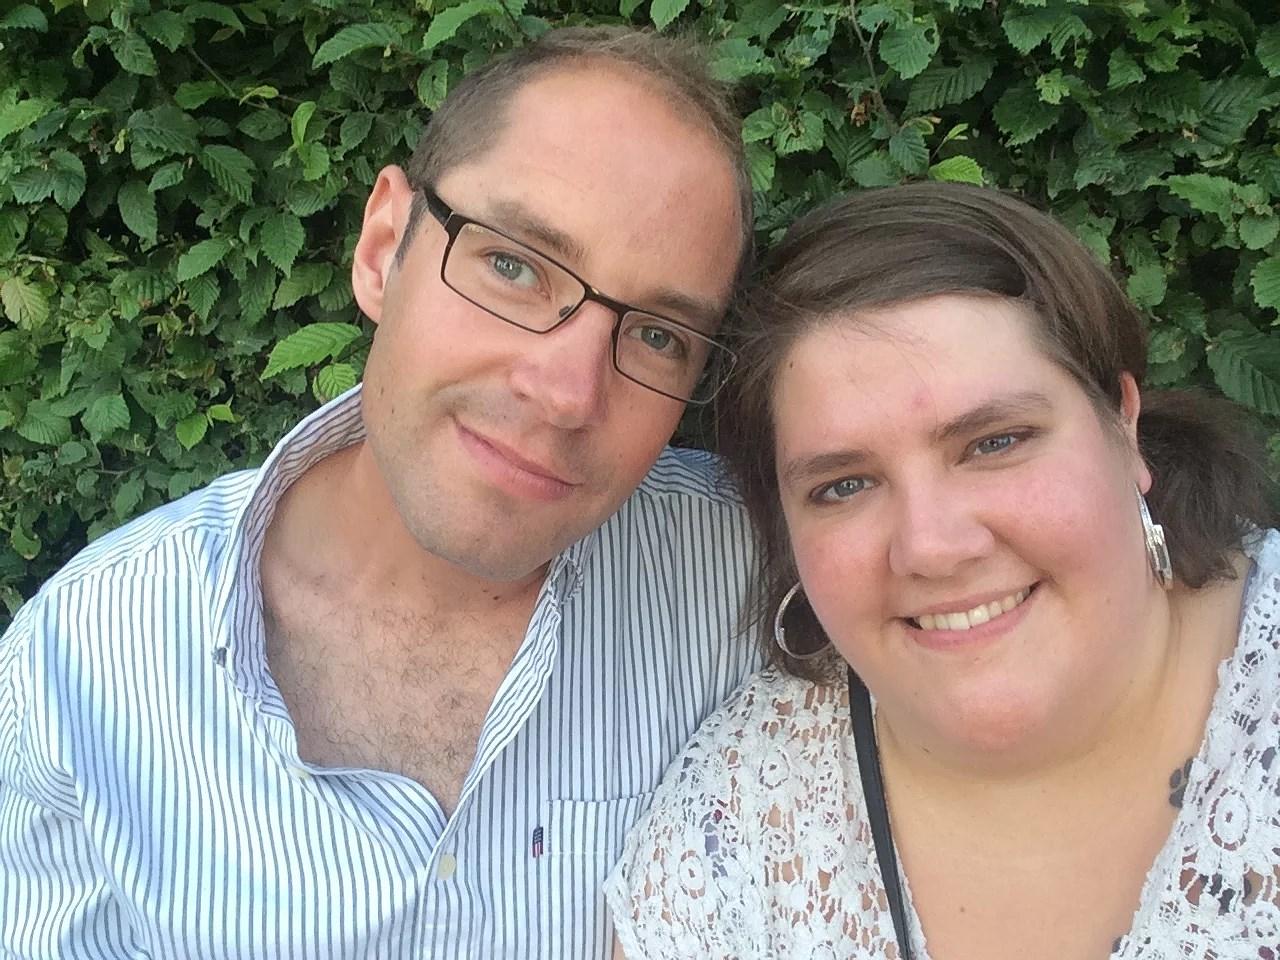 En speciell dejt som ändå blev bra! 2 år av kärlek!